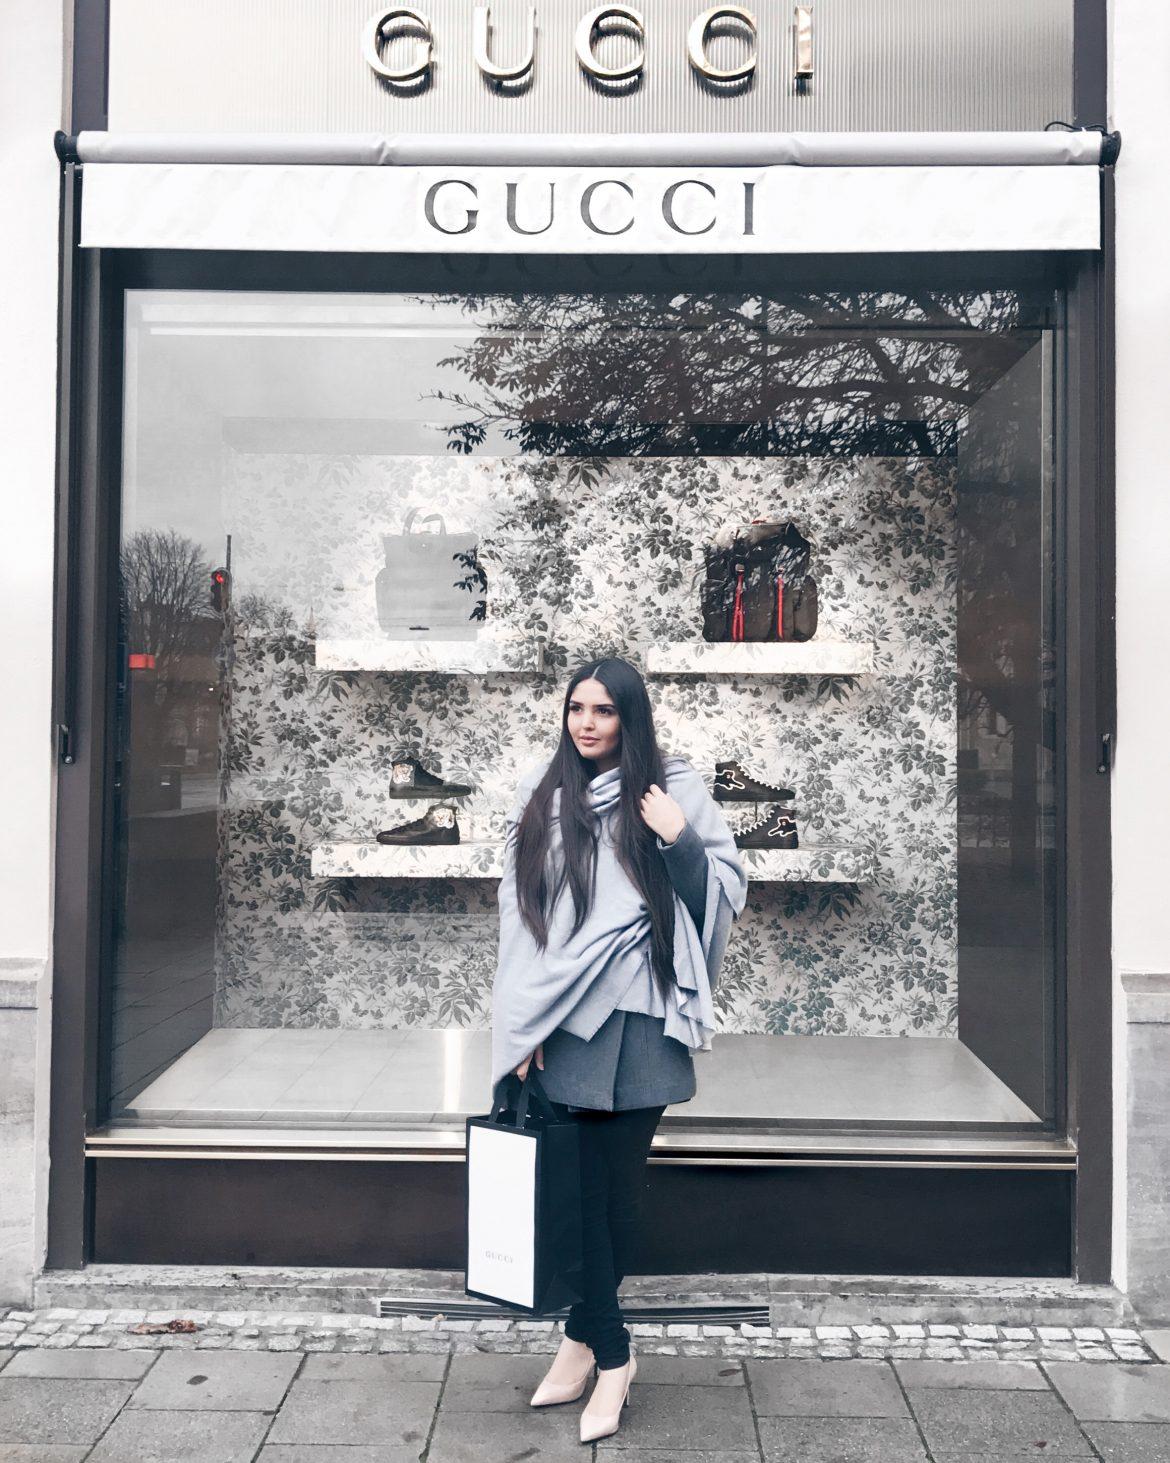 Gucci Store - Loja Gucci - Gucci Shopping - Kezia Happuck